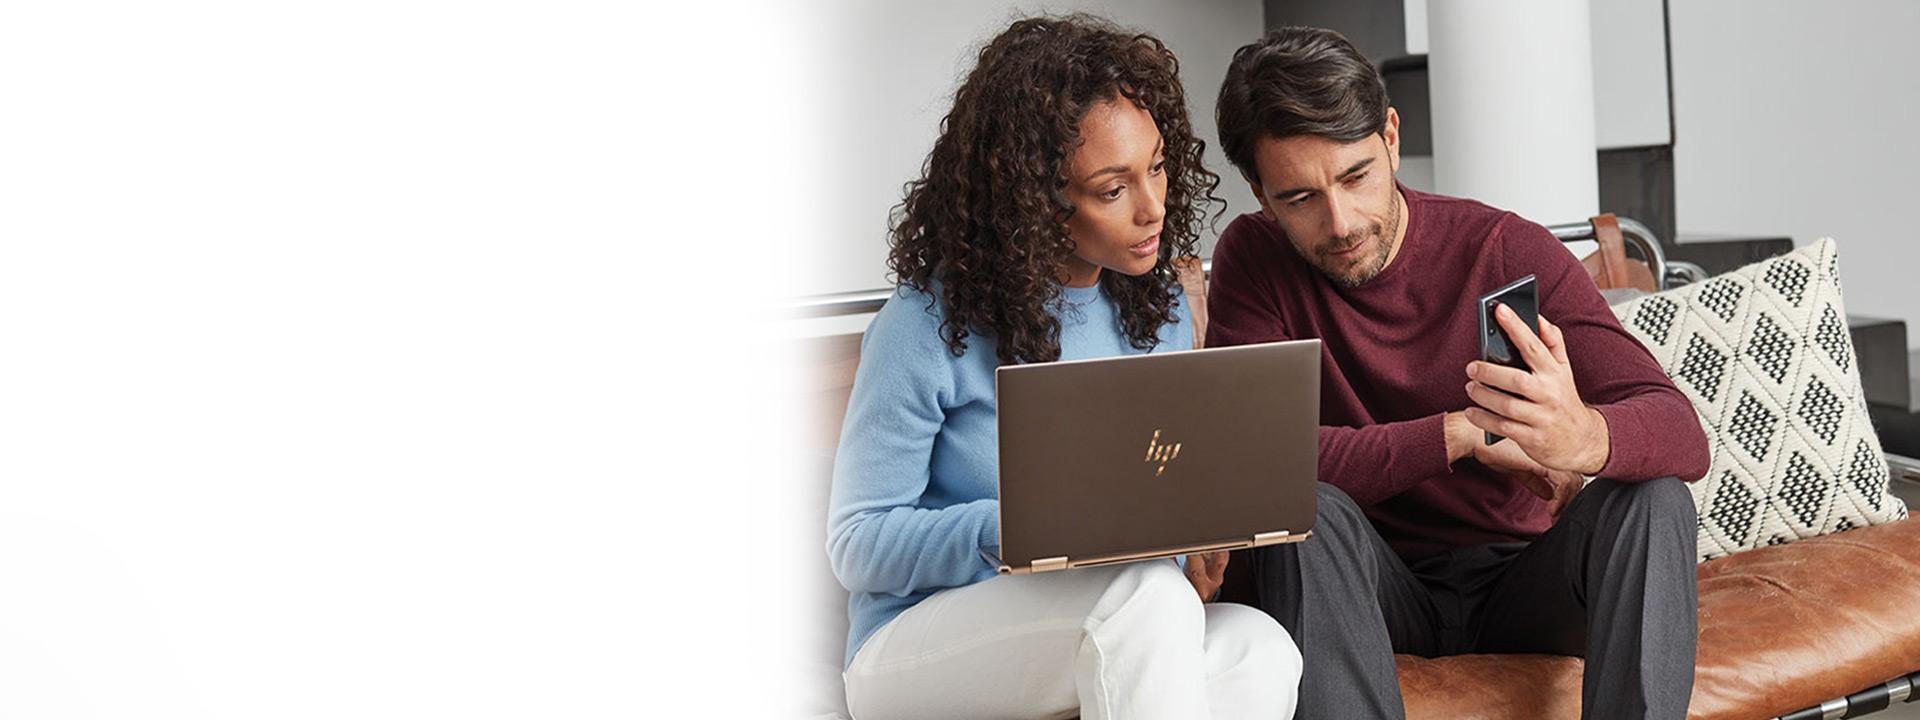 ソファに座っている女性と男性が Windows 10 ラップトップとモバイルデバイスを一緒に見る